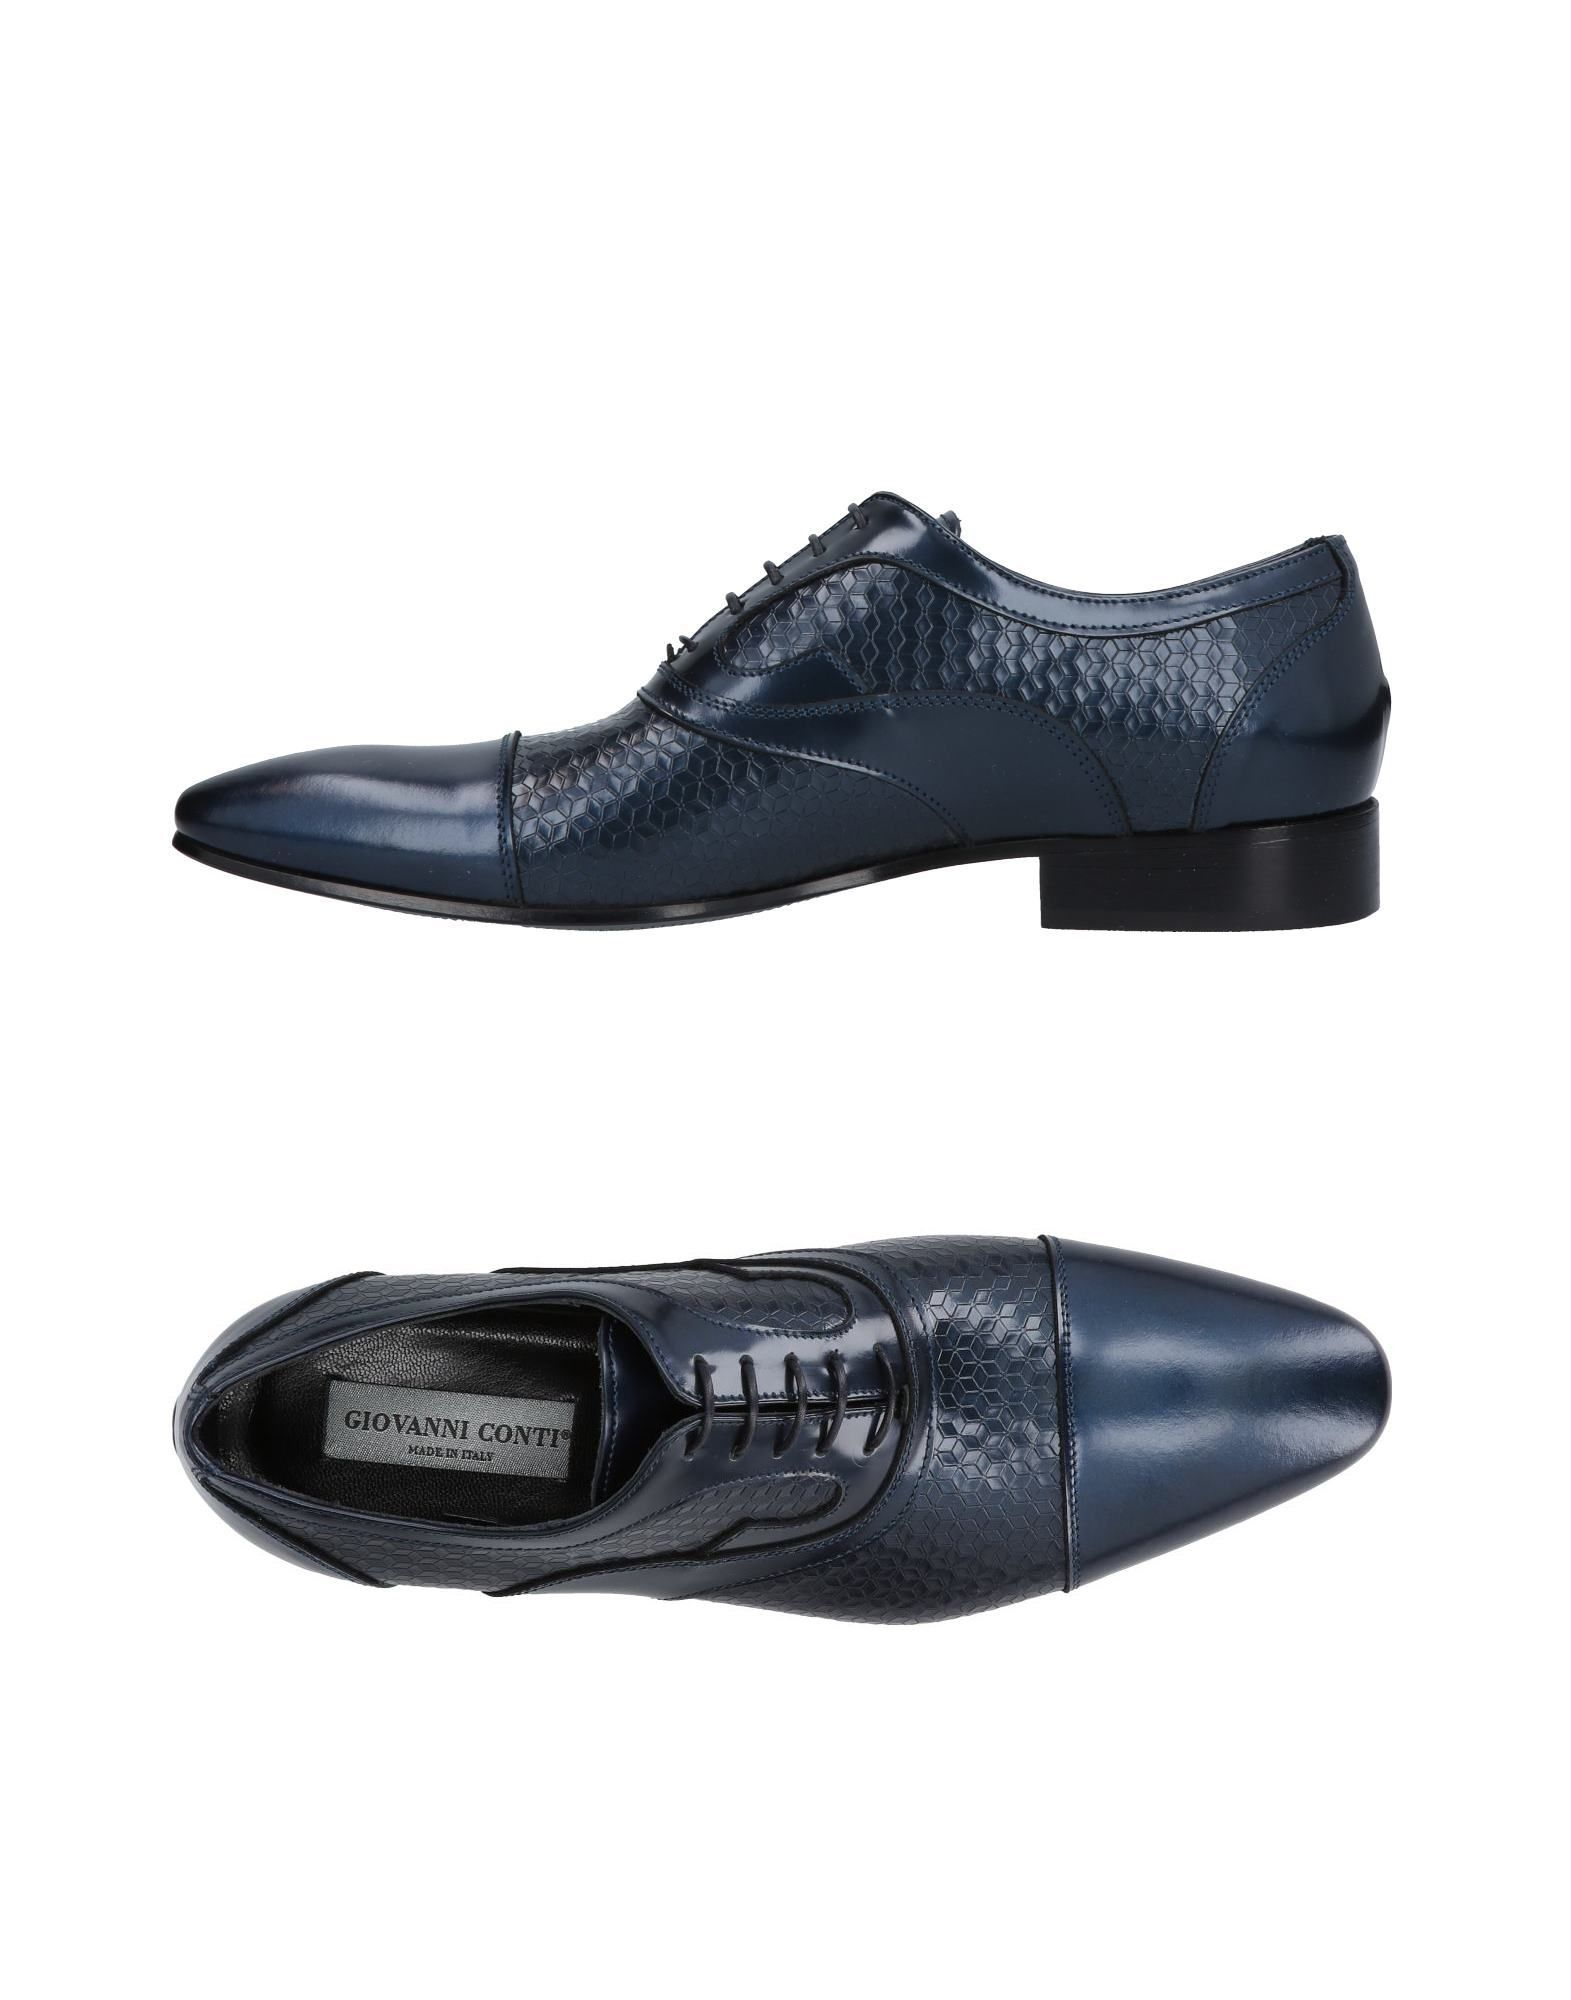 Giovanni Conti Schnürschuhe Herren  11432549BB Gute Qualität beliebte Schuhe